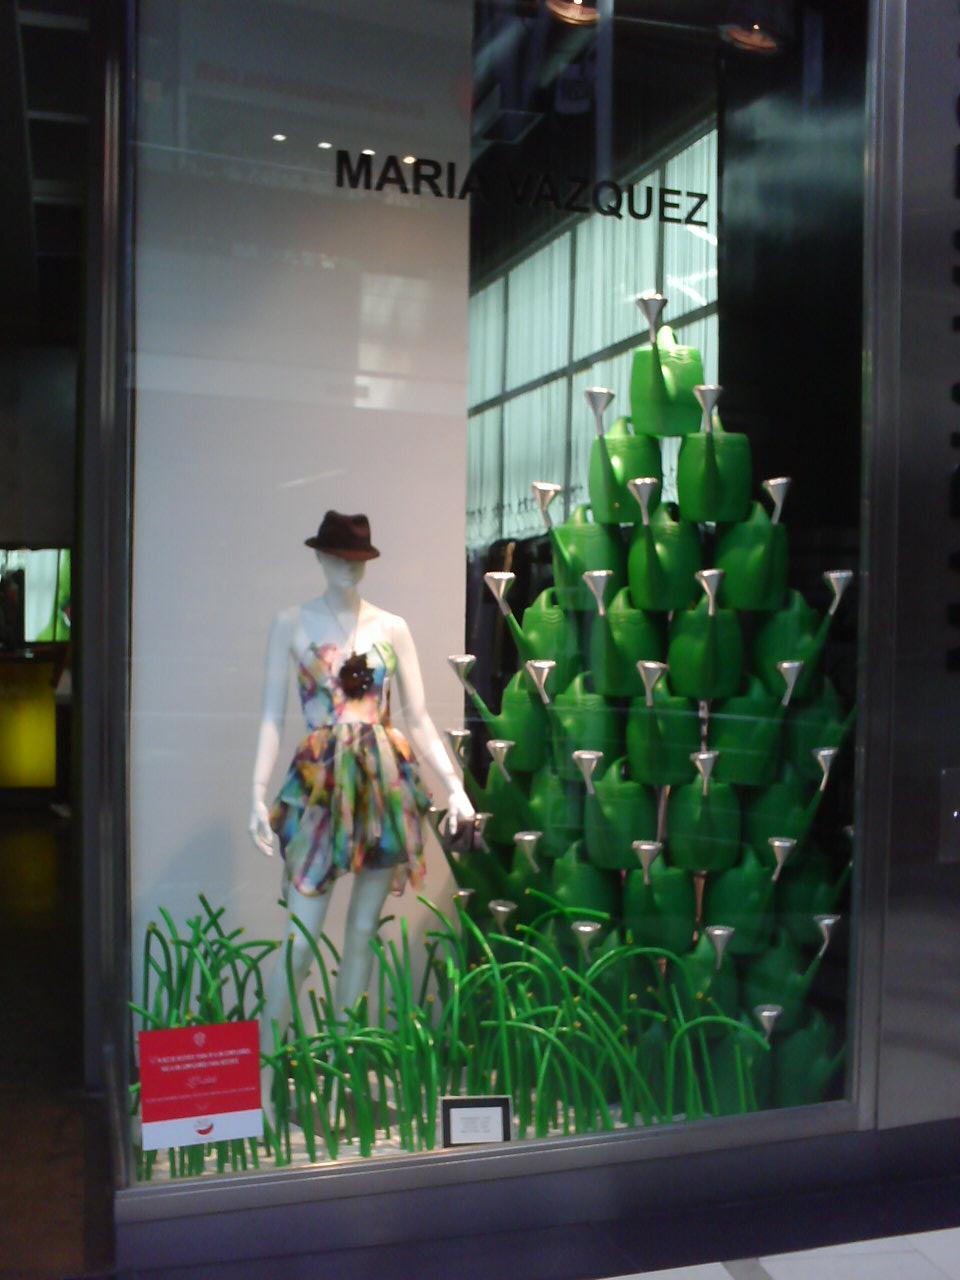 Dolores fancy vidrieras de navidad 2010 mvz by federico for Decoracion de vidrieras de ropa